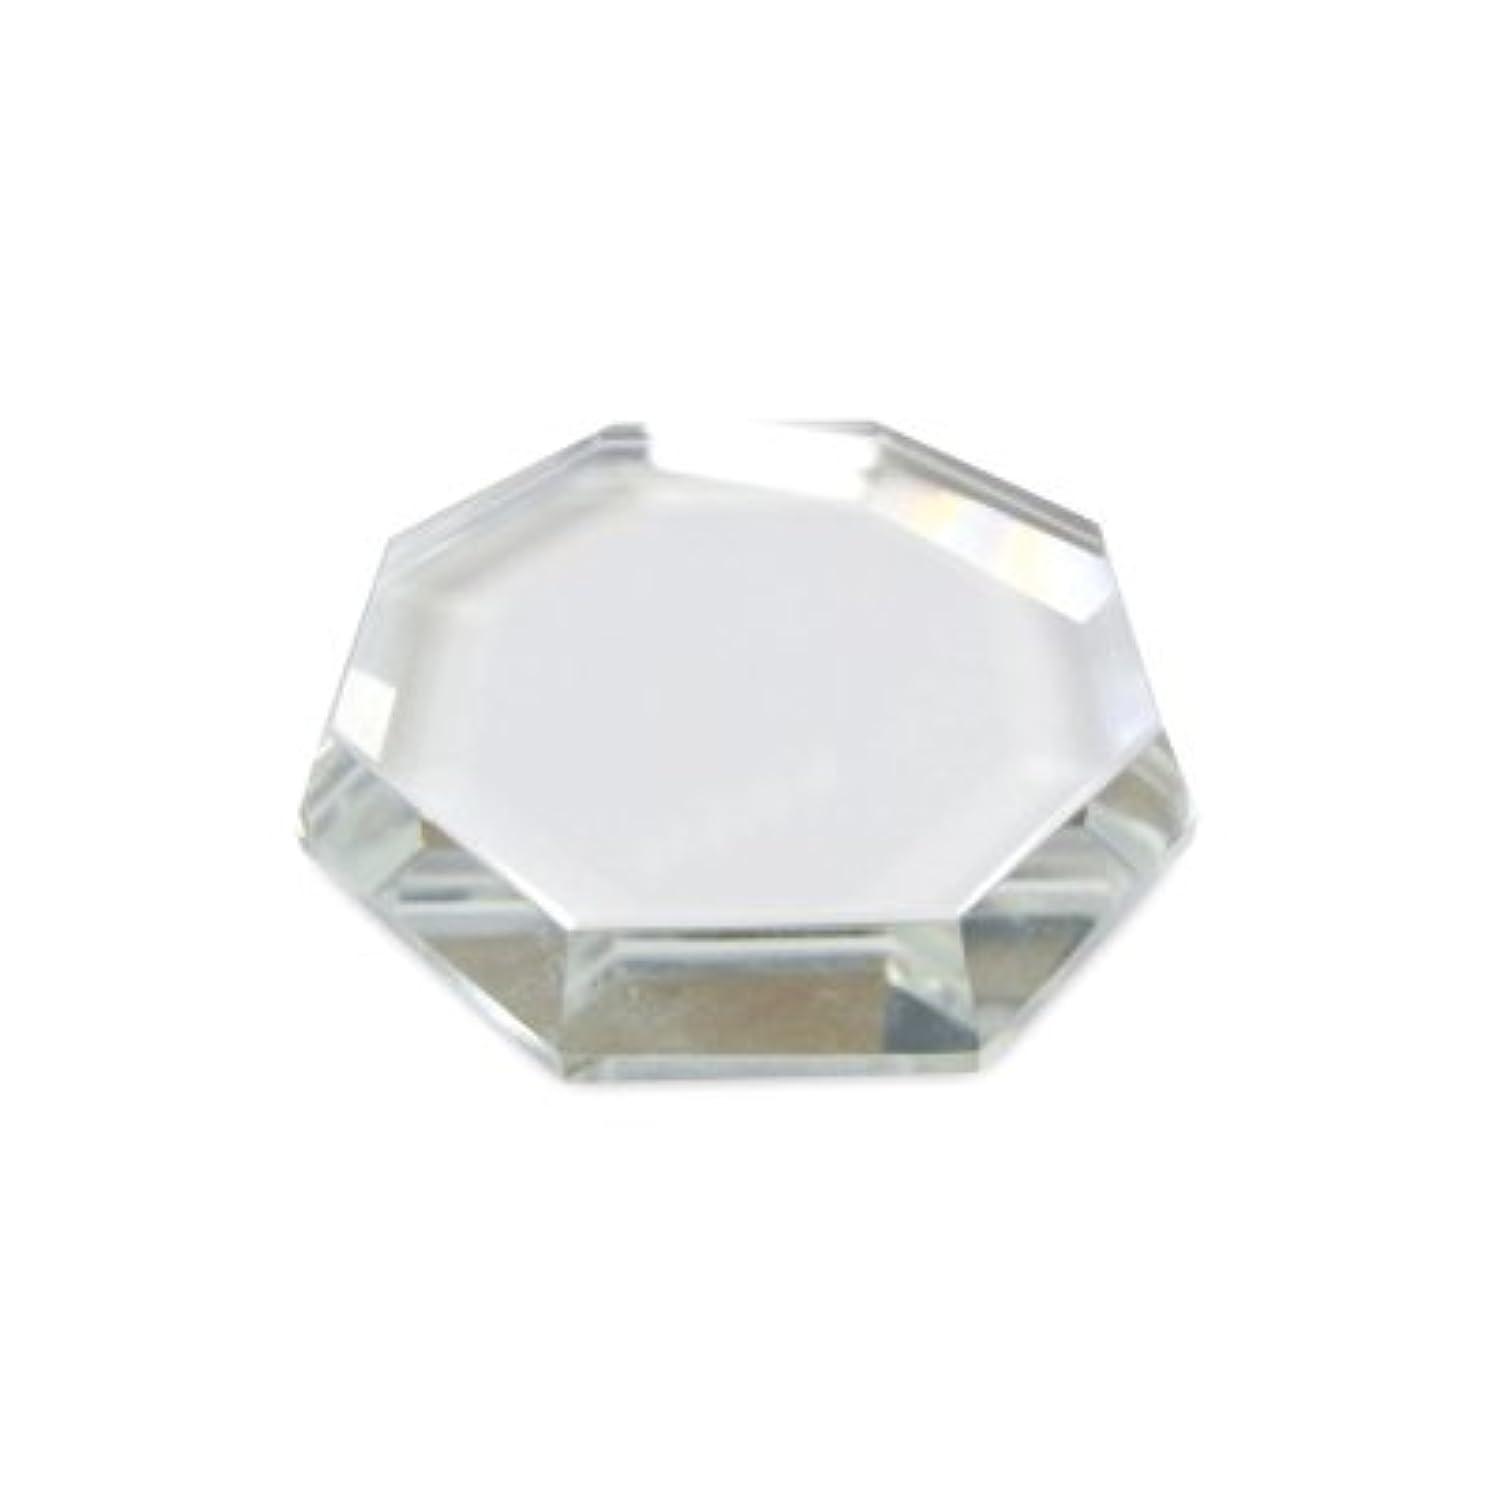 強要ほとんどない割り当て[まつげエクステ]クリスタルグループレート〈ガラス製〉八角形 55mm